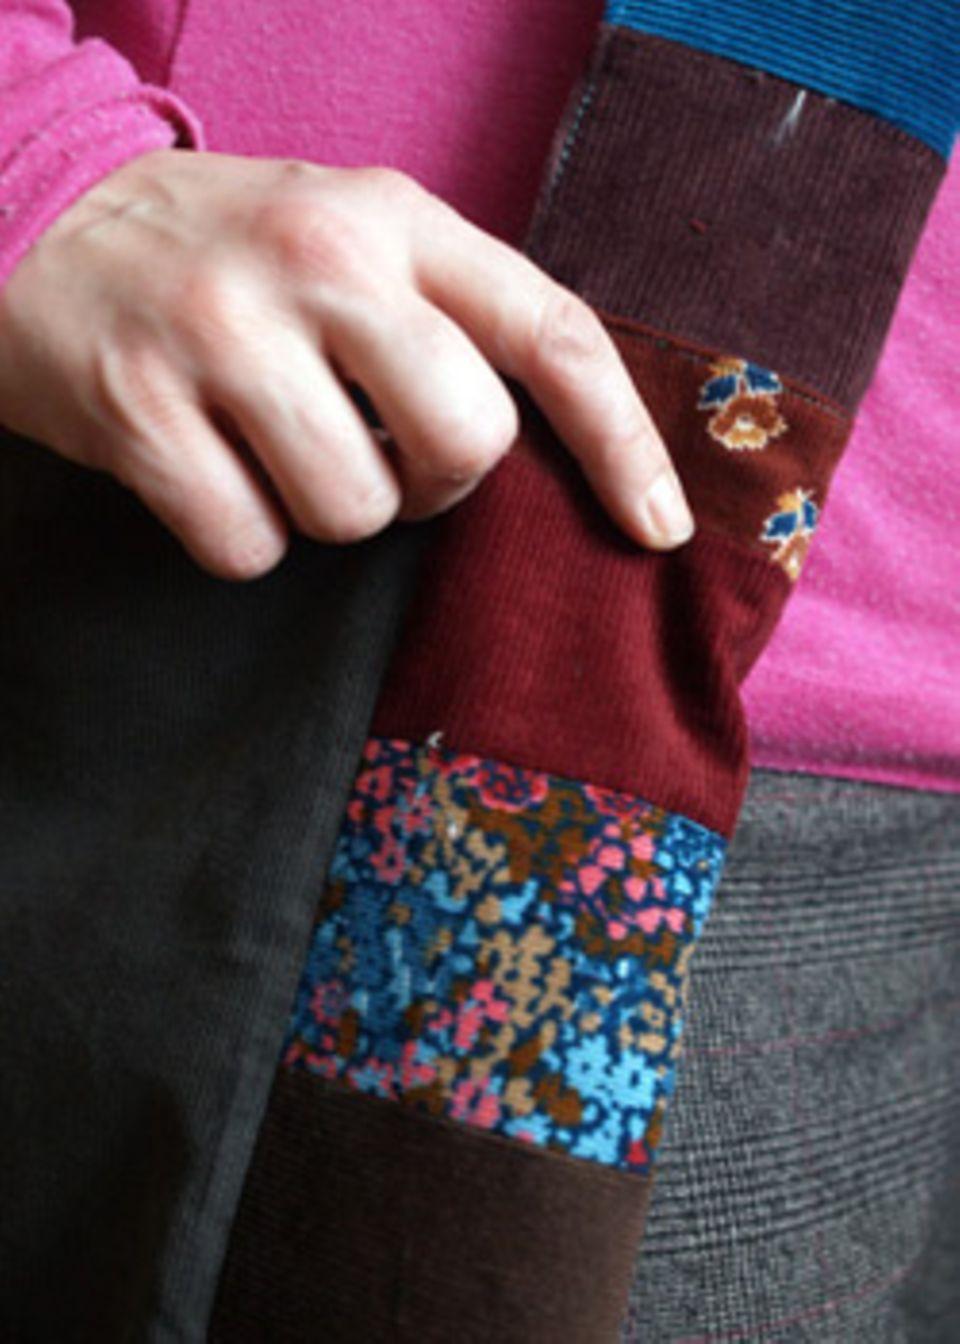 Sie sieht die Hippie-Tasche aus, wenn sie fertig ist!